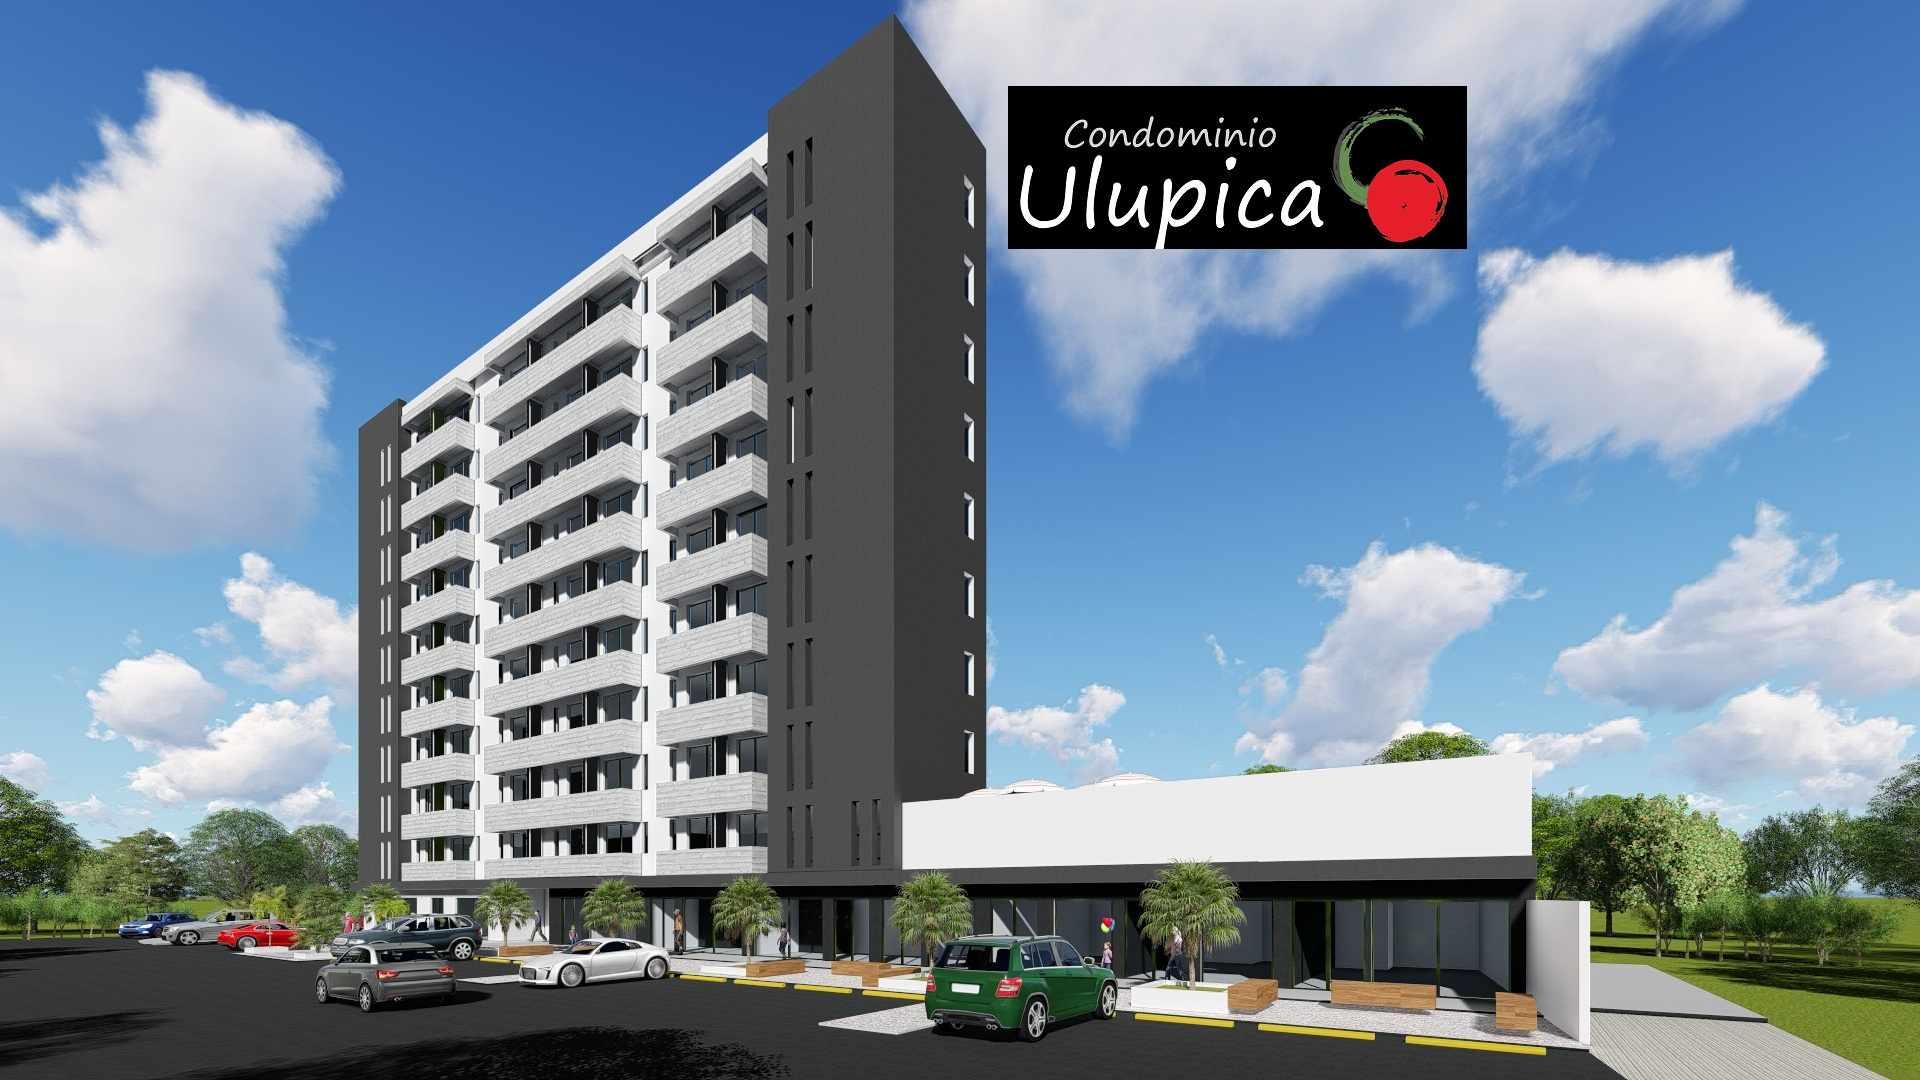 Condominio Ulupica